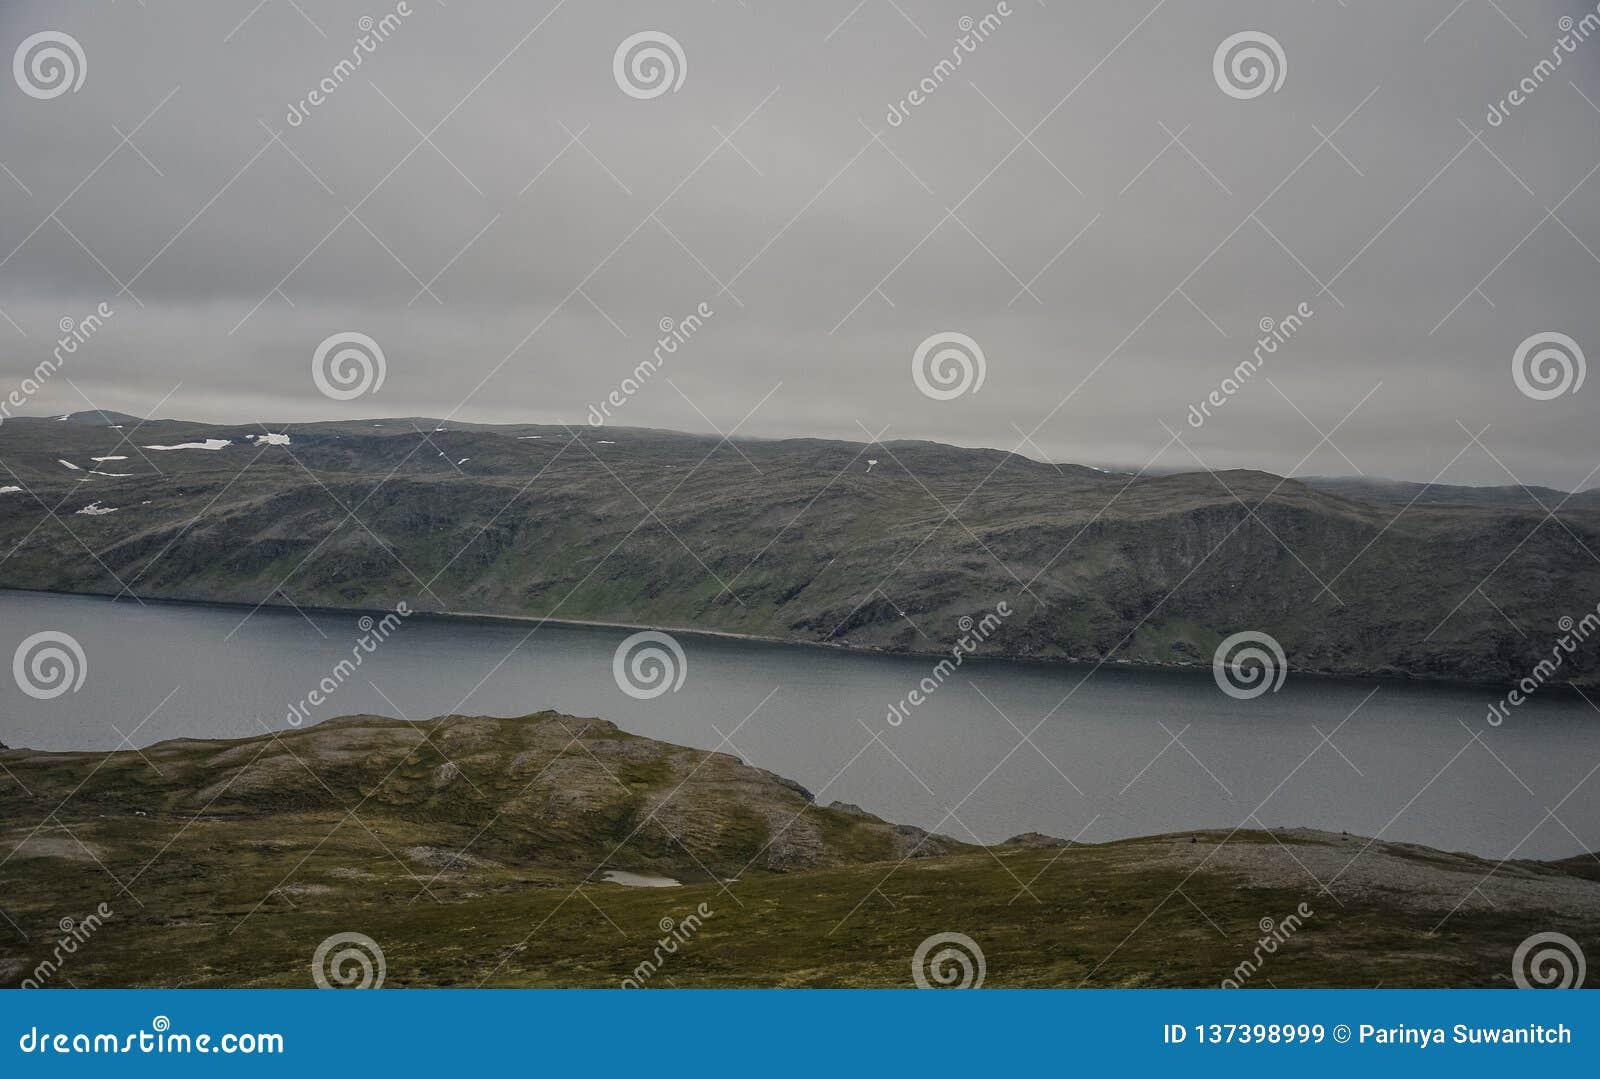 Landschaftsansicht von Magerøya-Insel in Finnmark-Grafschaft auf dem Weg zum Nordkap Nordkapp zur Mitternachtszeit in Norwegen